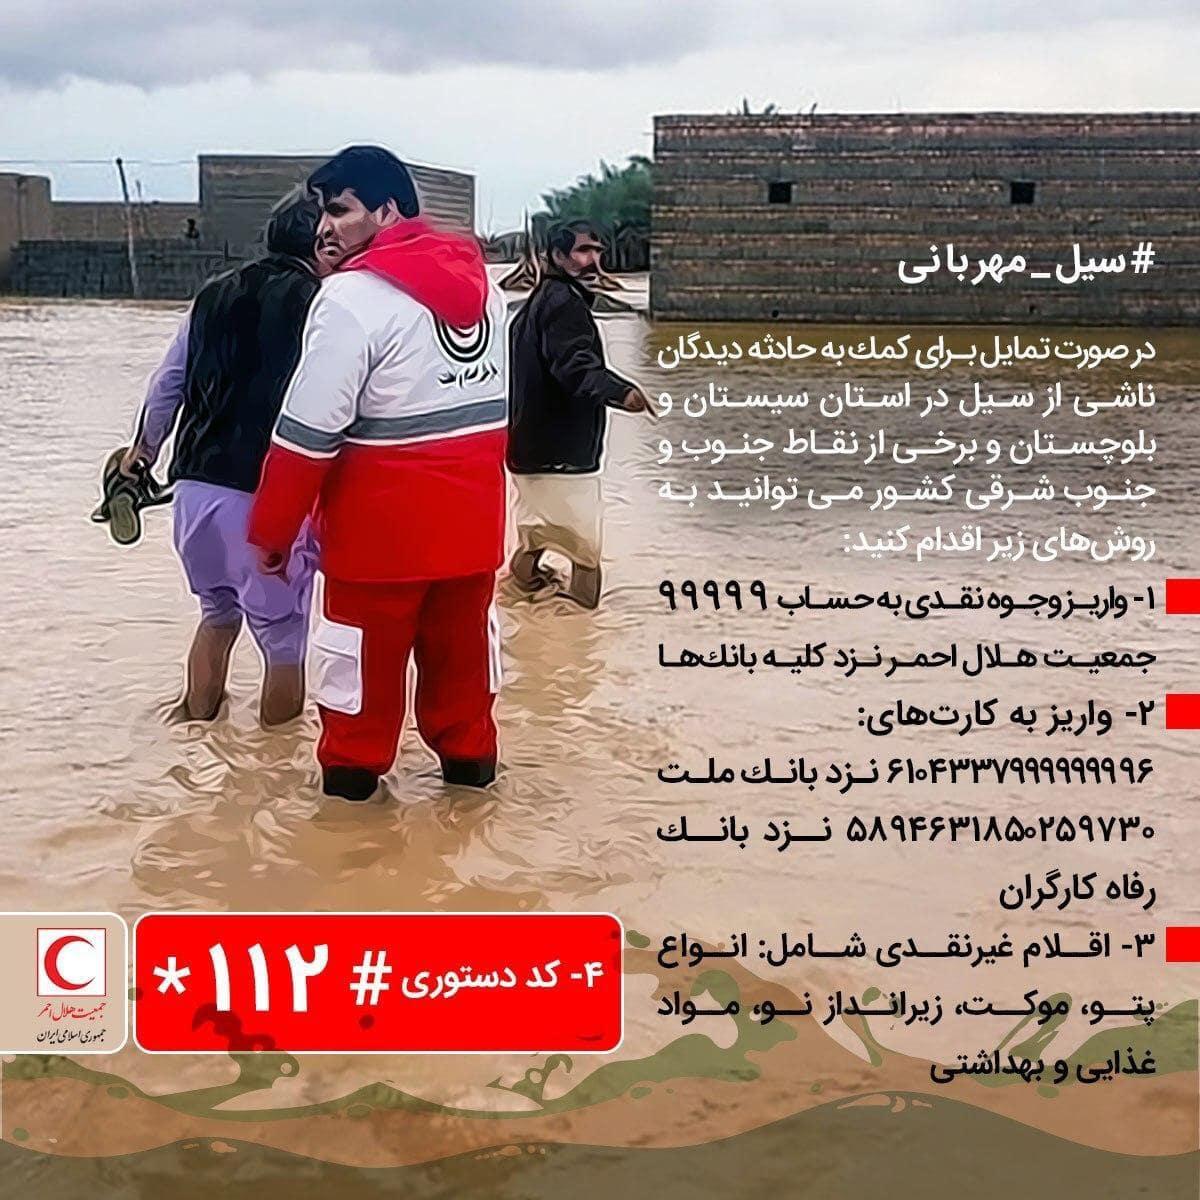 جمعآوری کمک نقدی و غیرنقدی برای مردم سیلزده